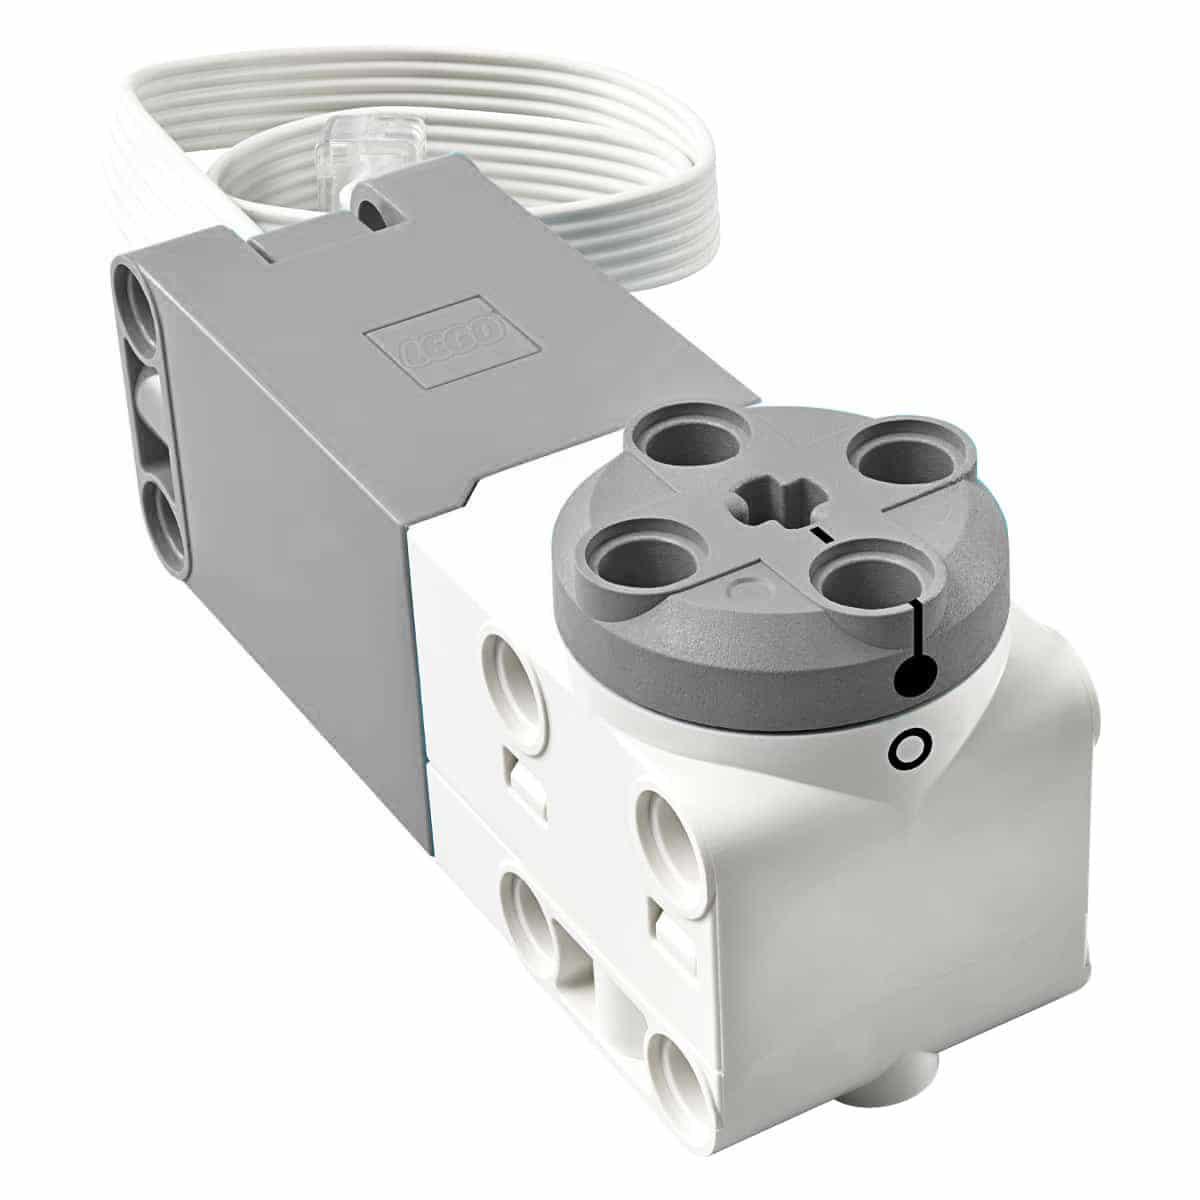 LEGO Mindstorms 51515 Motor